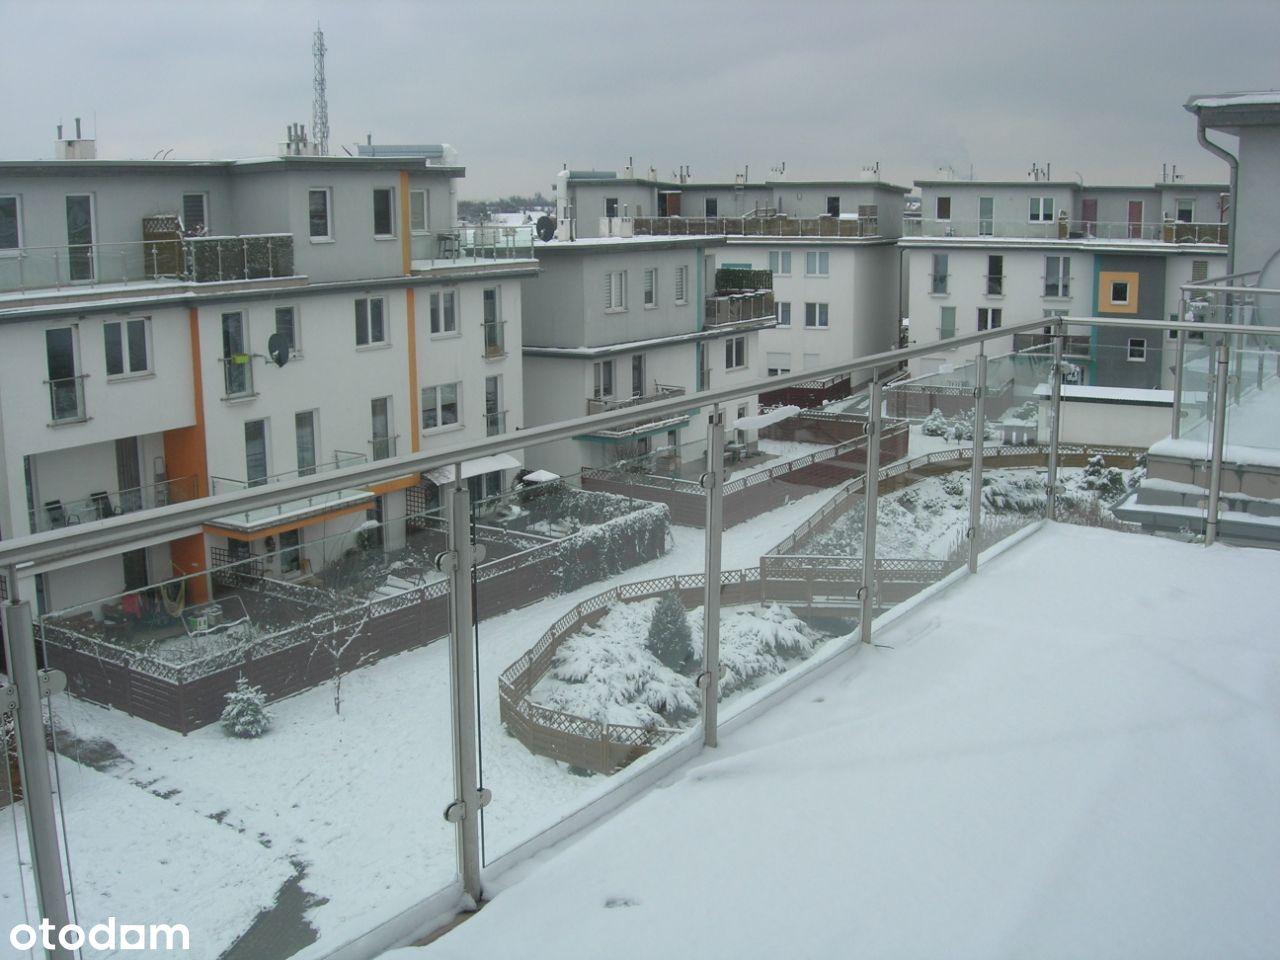 4pok 3 łazienki 2 tarasy balkon osiedle cynamonowe